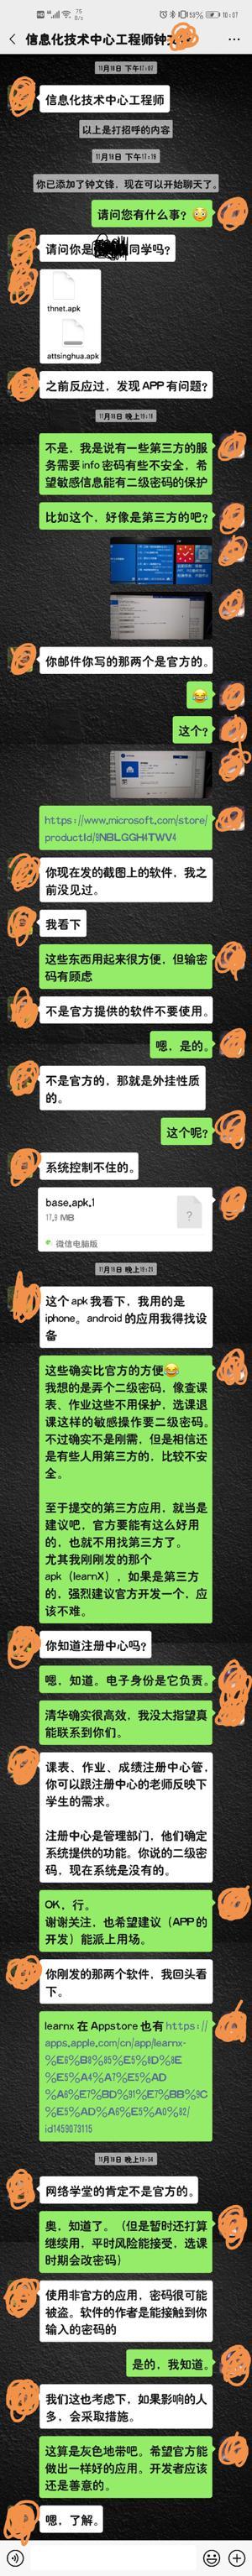 Screenshot_20191205_221400.jpg